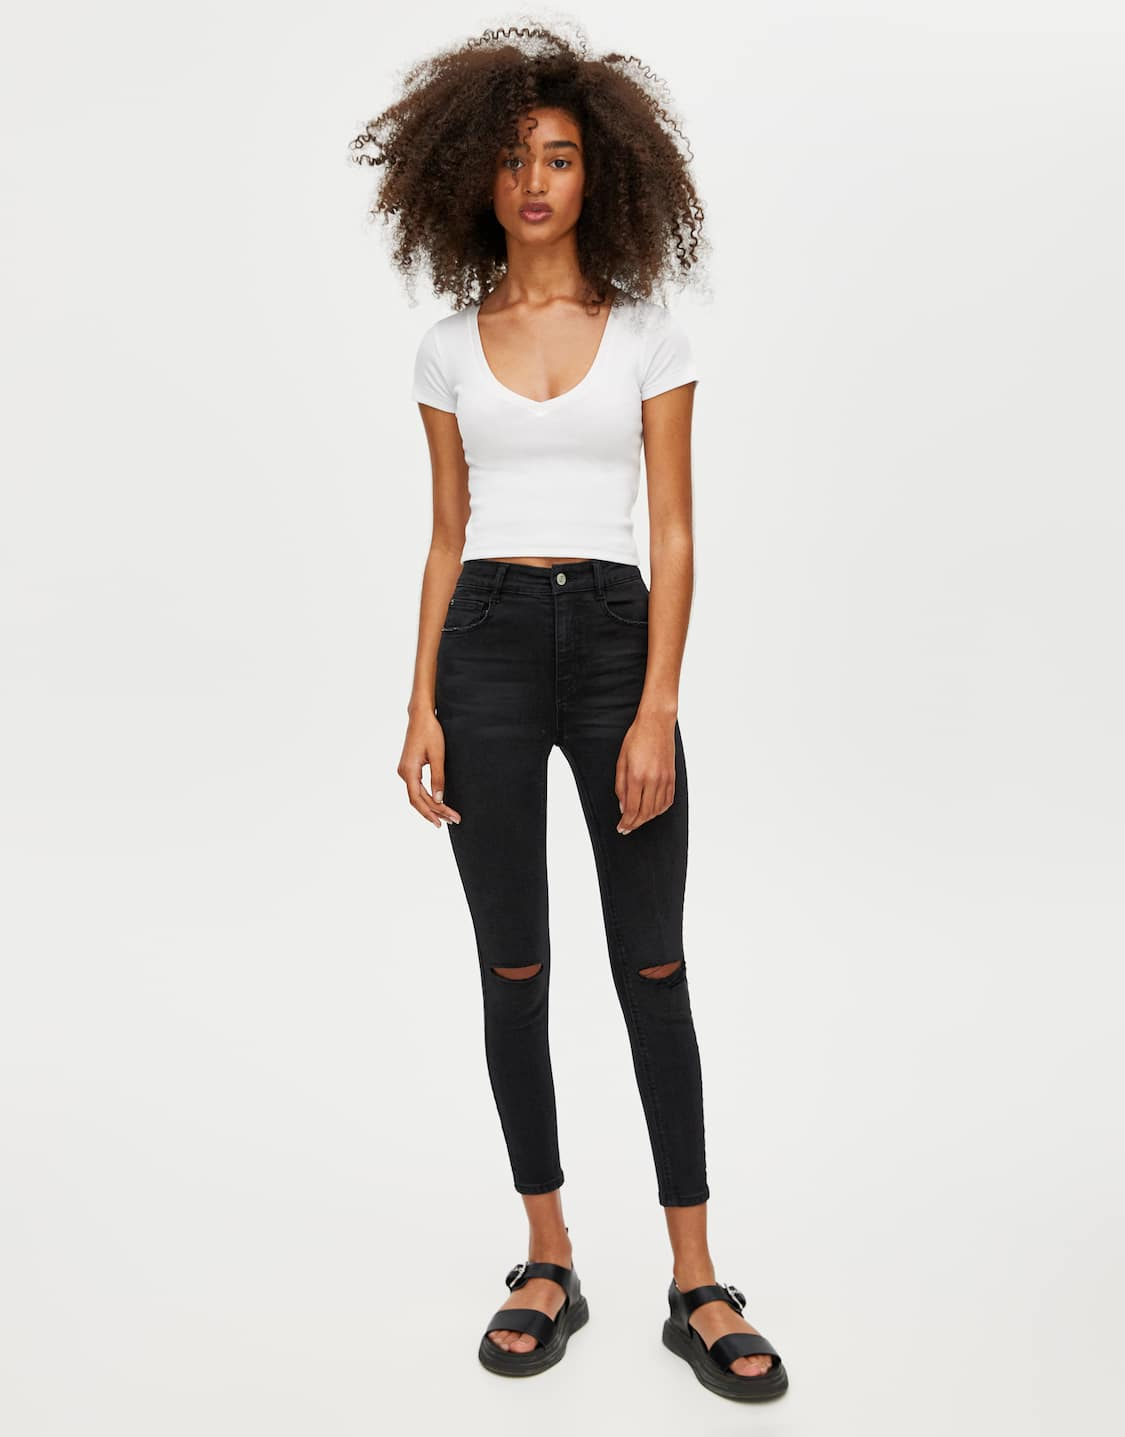 la moda più votata negozio online speciale per scarpa Jeans skinny fit capri a vita alta